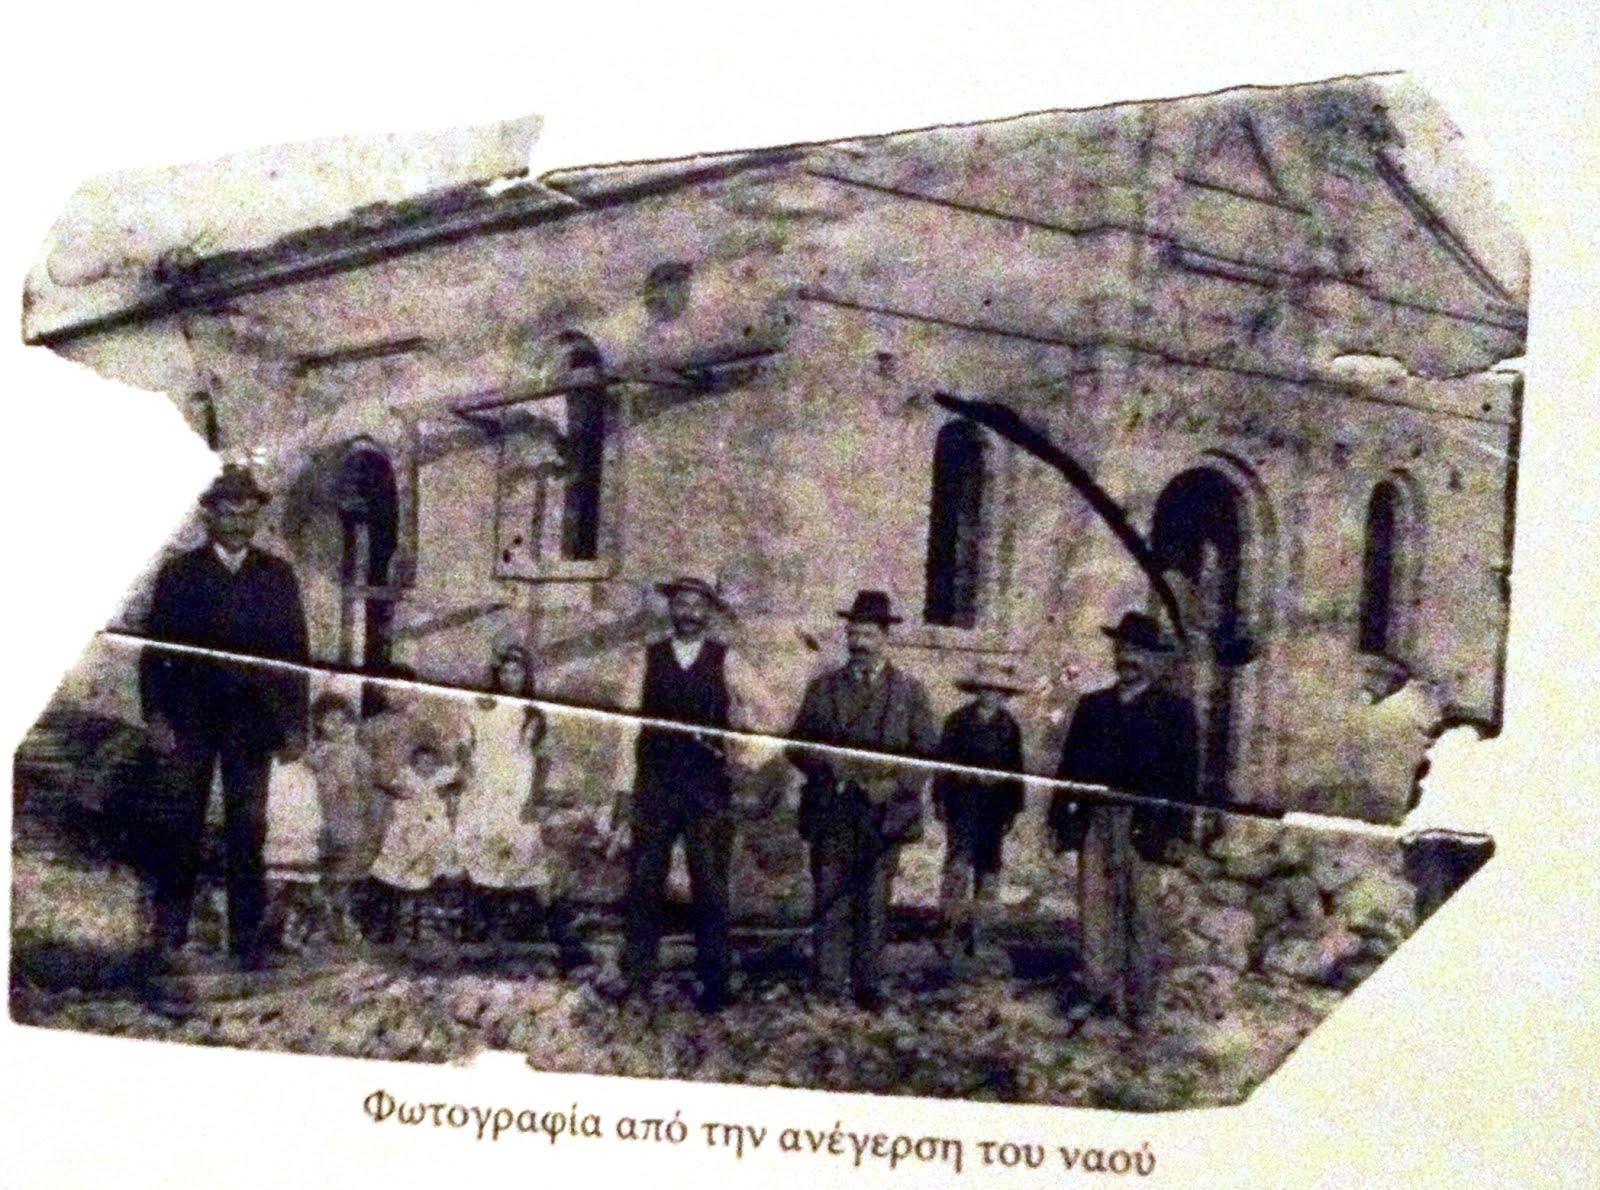 Μικρό ιστορικό του Ιερού ναού